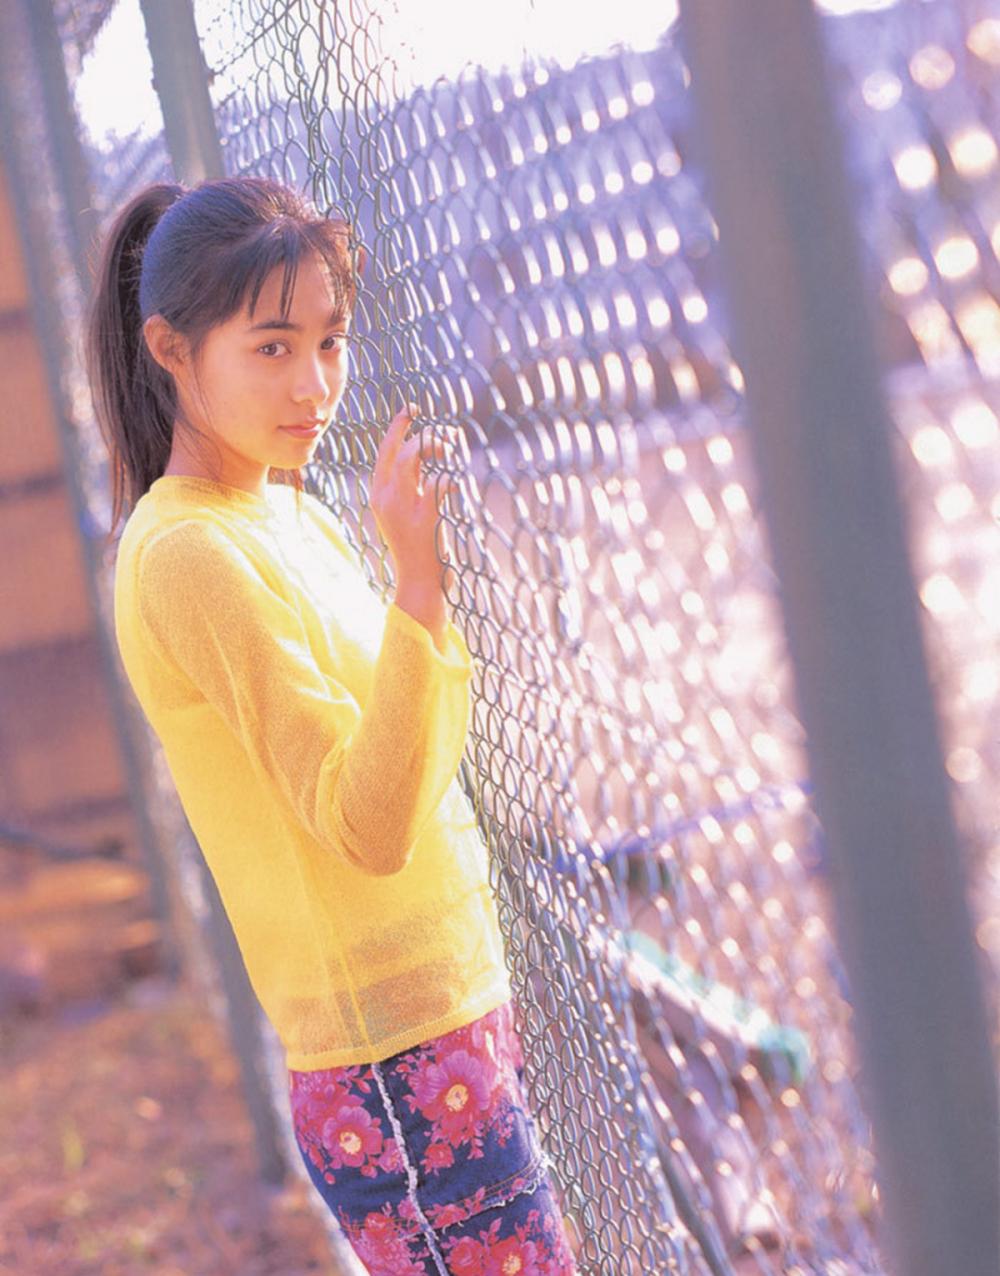 被锁在保险柜里的日本艺人吹石一惠的写真作品 (23)